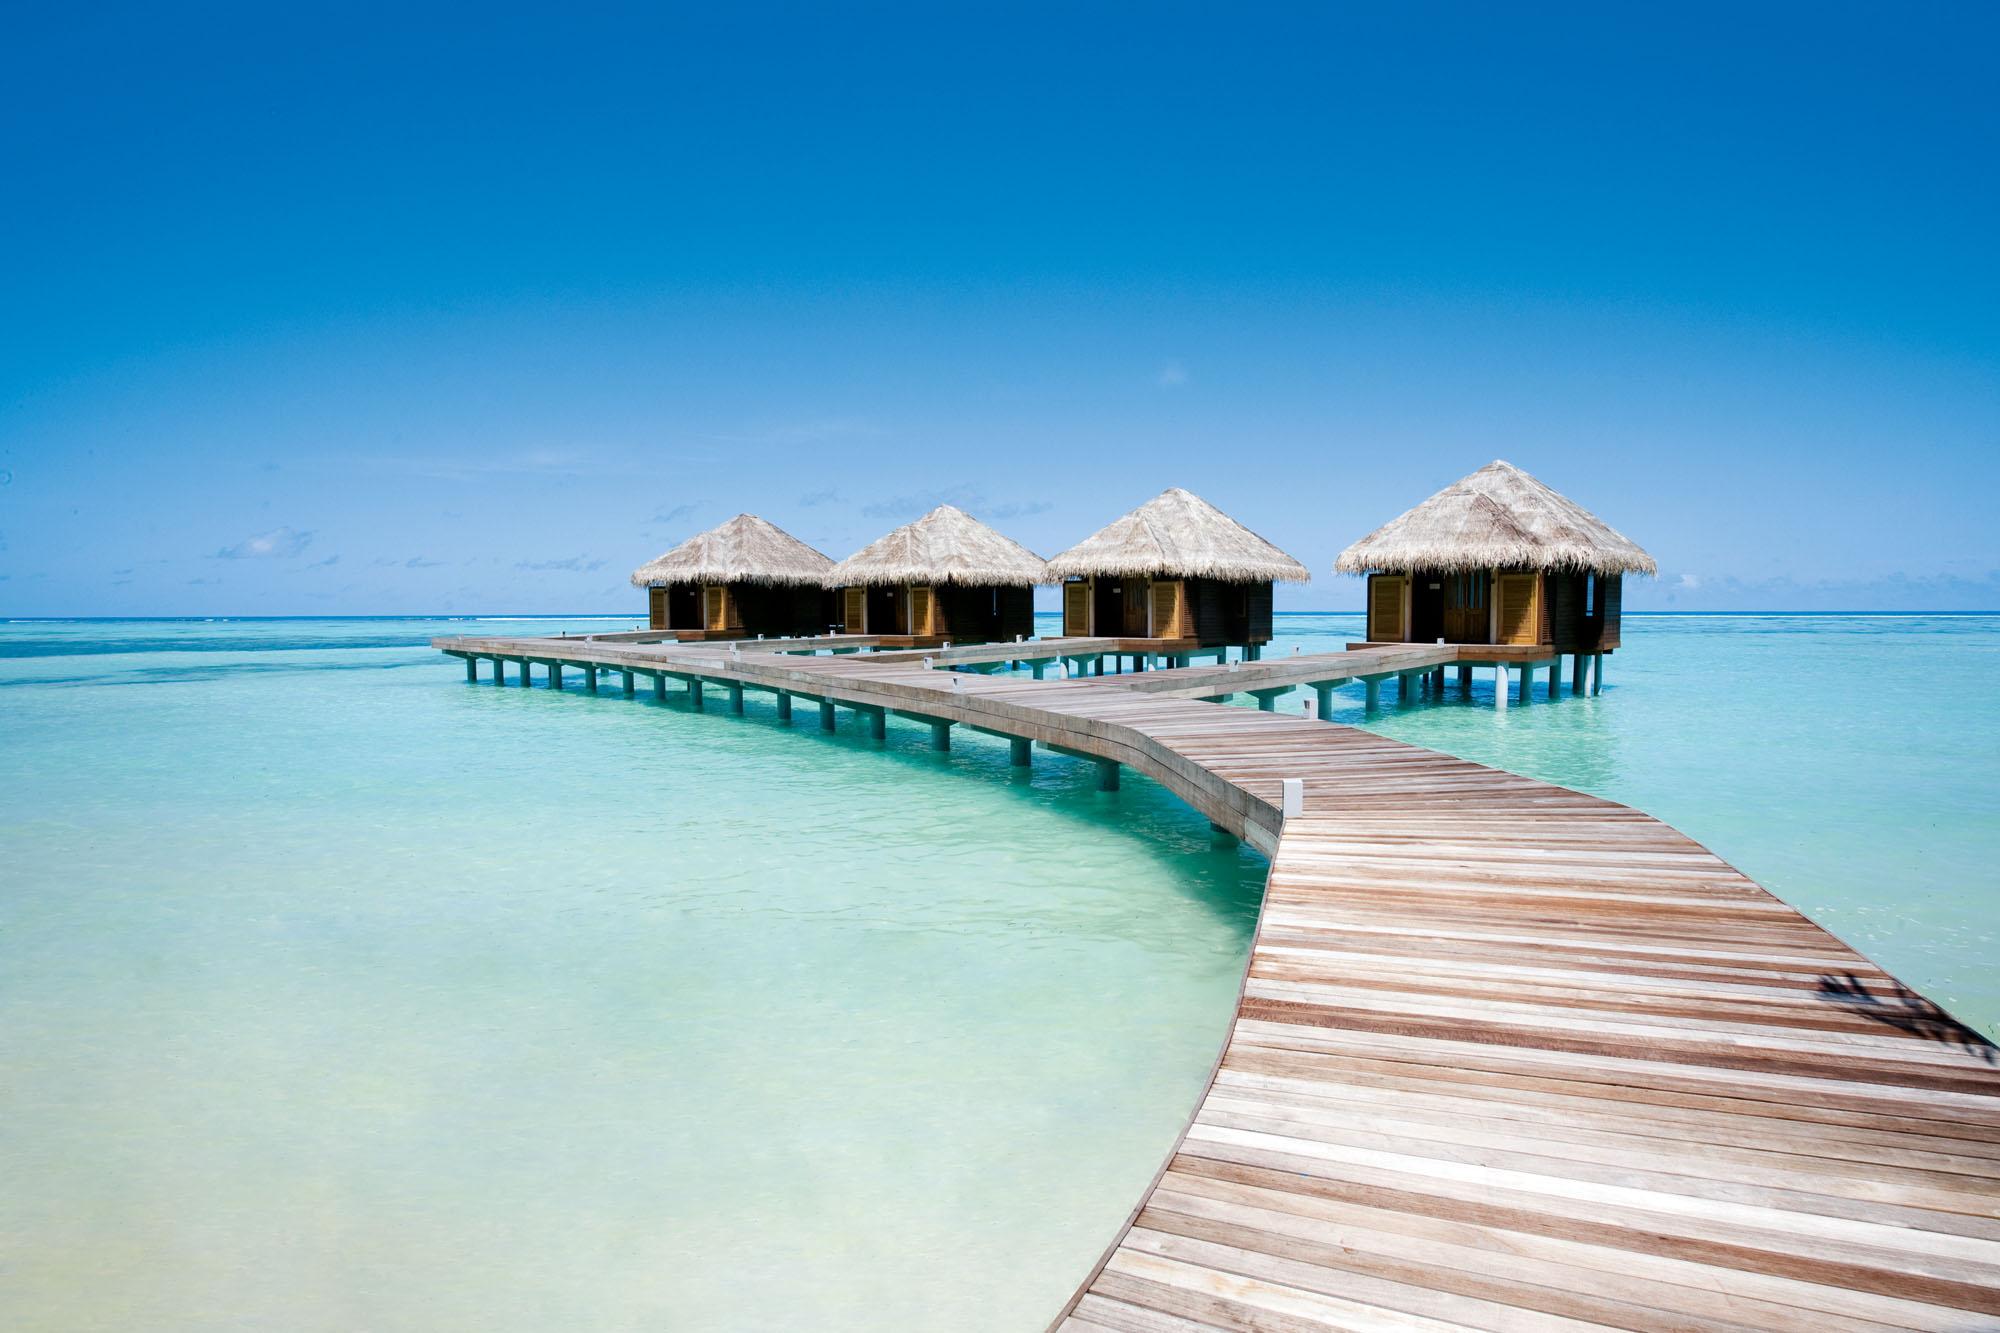 Documenti necessari per le Maldive